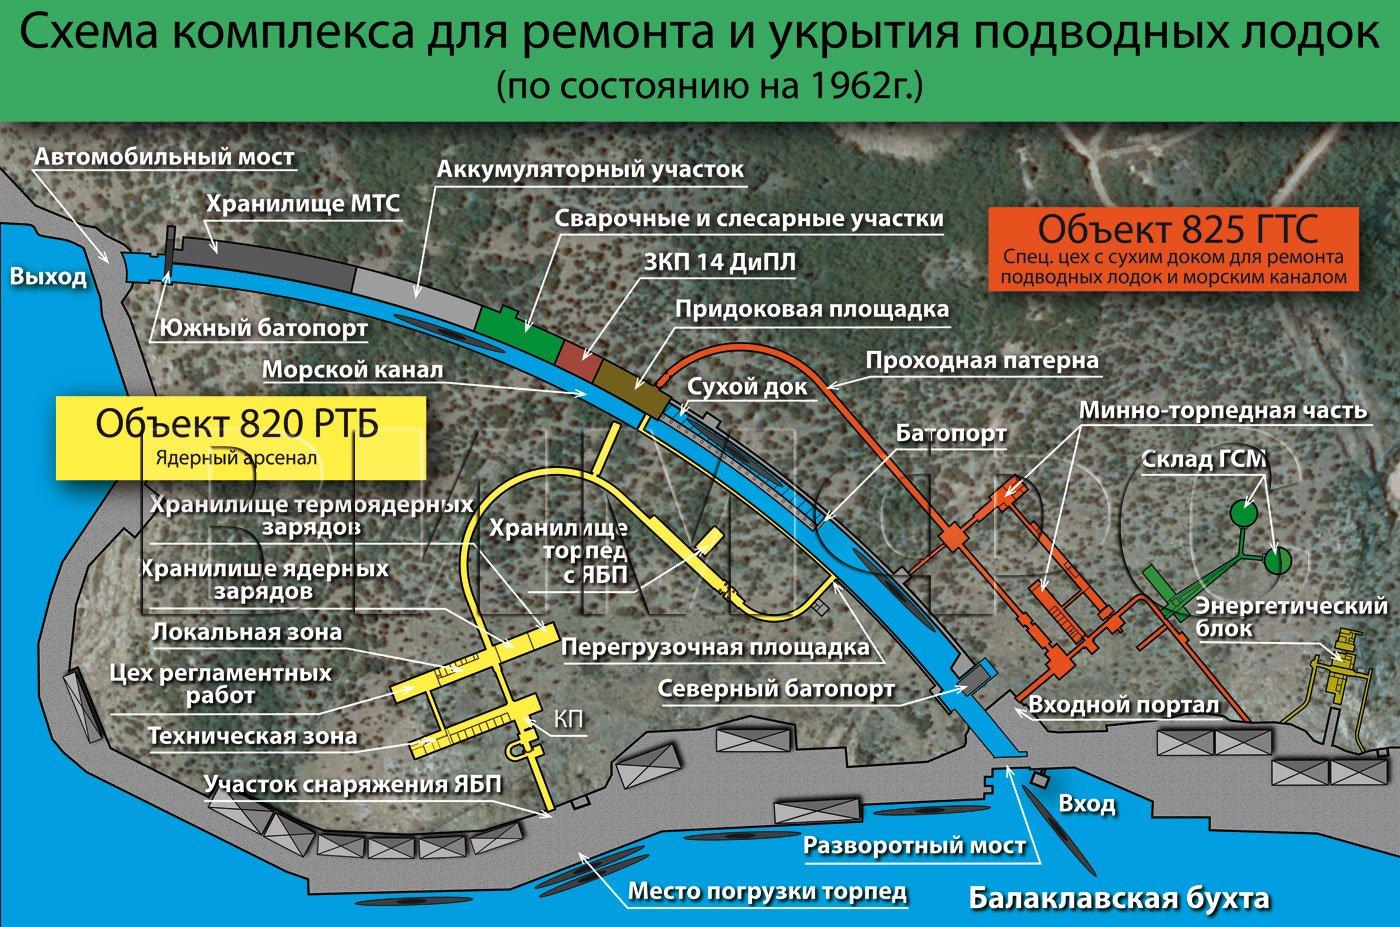 Музей подводных лодок в Балаклвае. Как добраться? vprokate.su